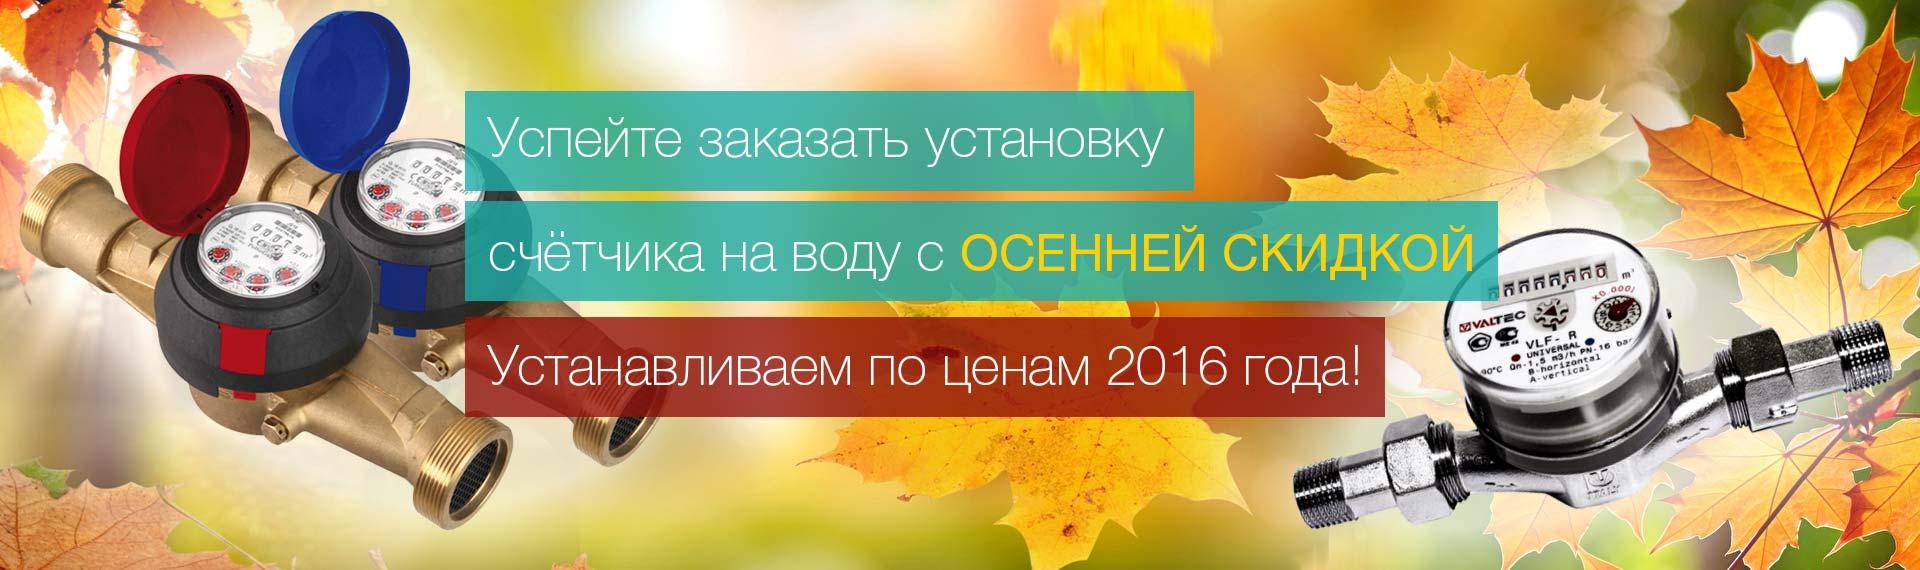 Установка счётчика на воду в Смоленске со скидкой по цене 2016 года